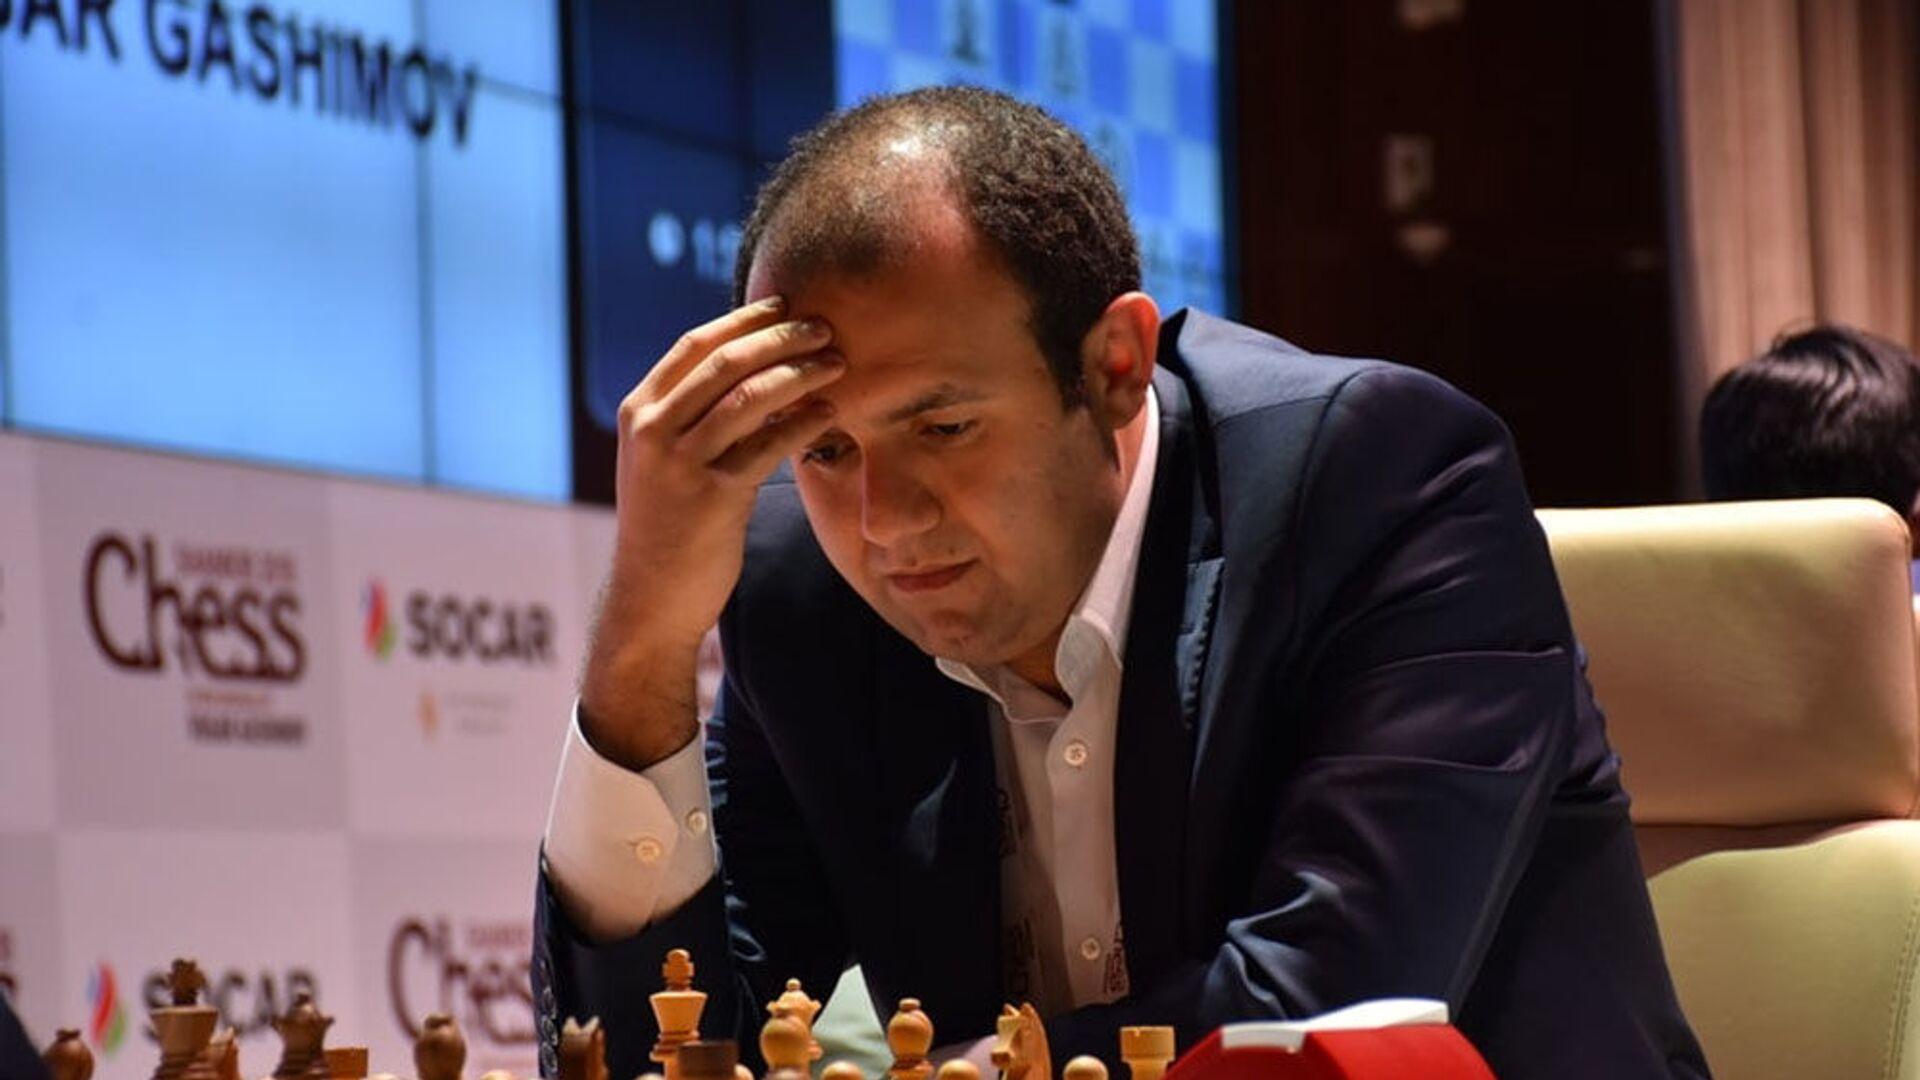 Азербайджанский гроссмейстер Рауф Мамедов, фото из архива - Sputnik Азербайджан, 1920, 04.09.2021